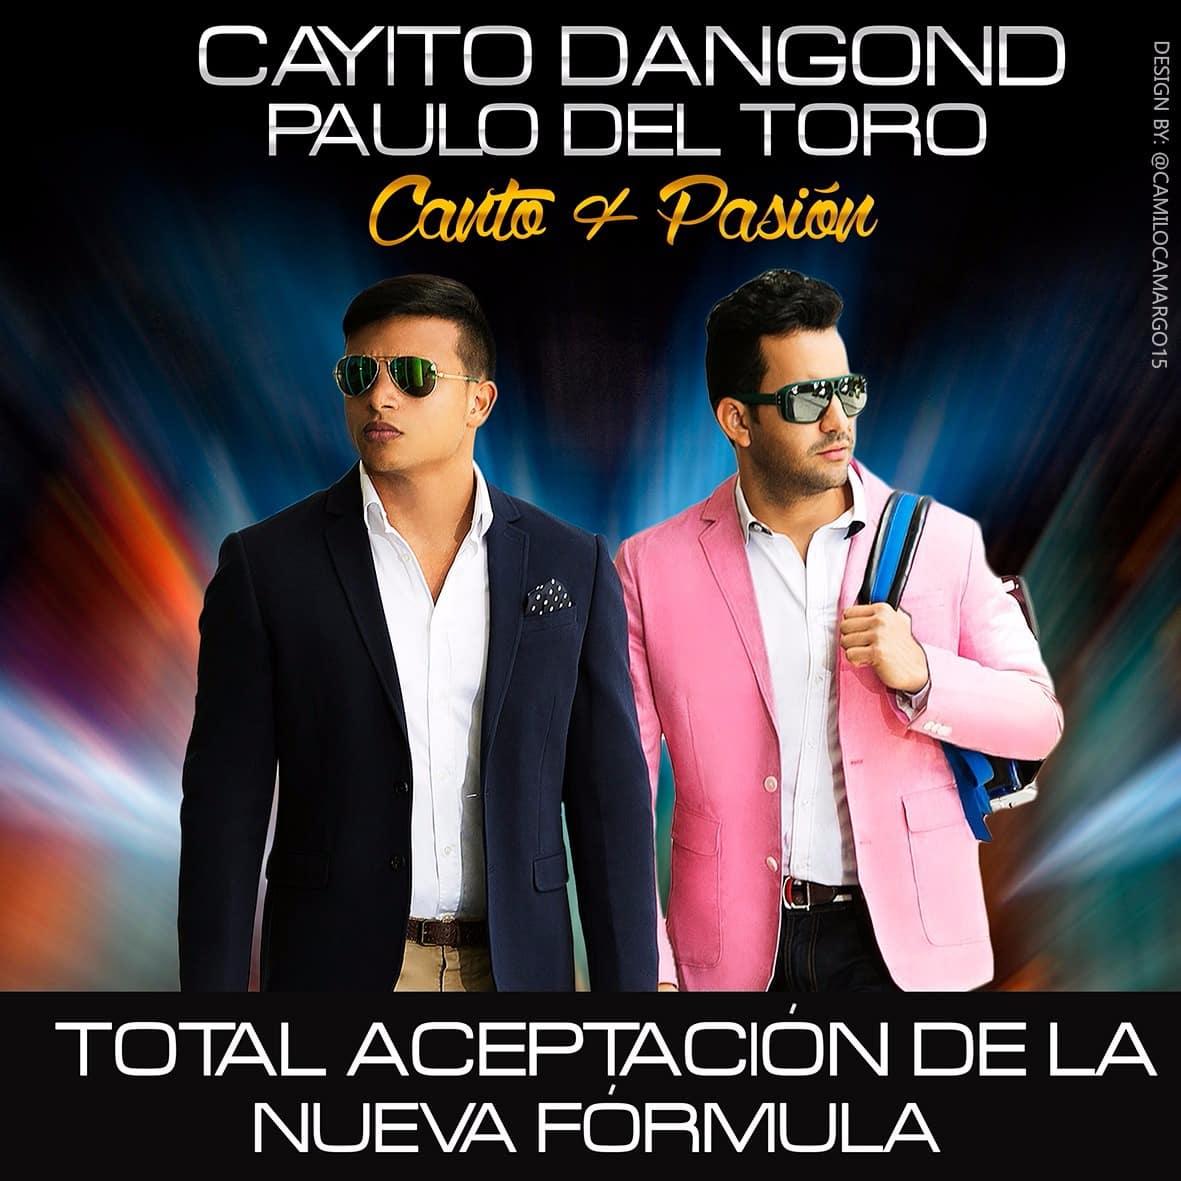 Cayito Dangond & Paulo del Toro